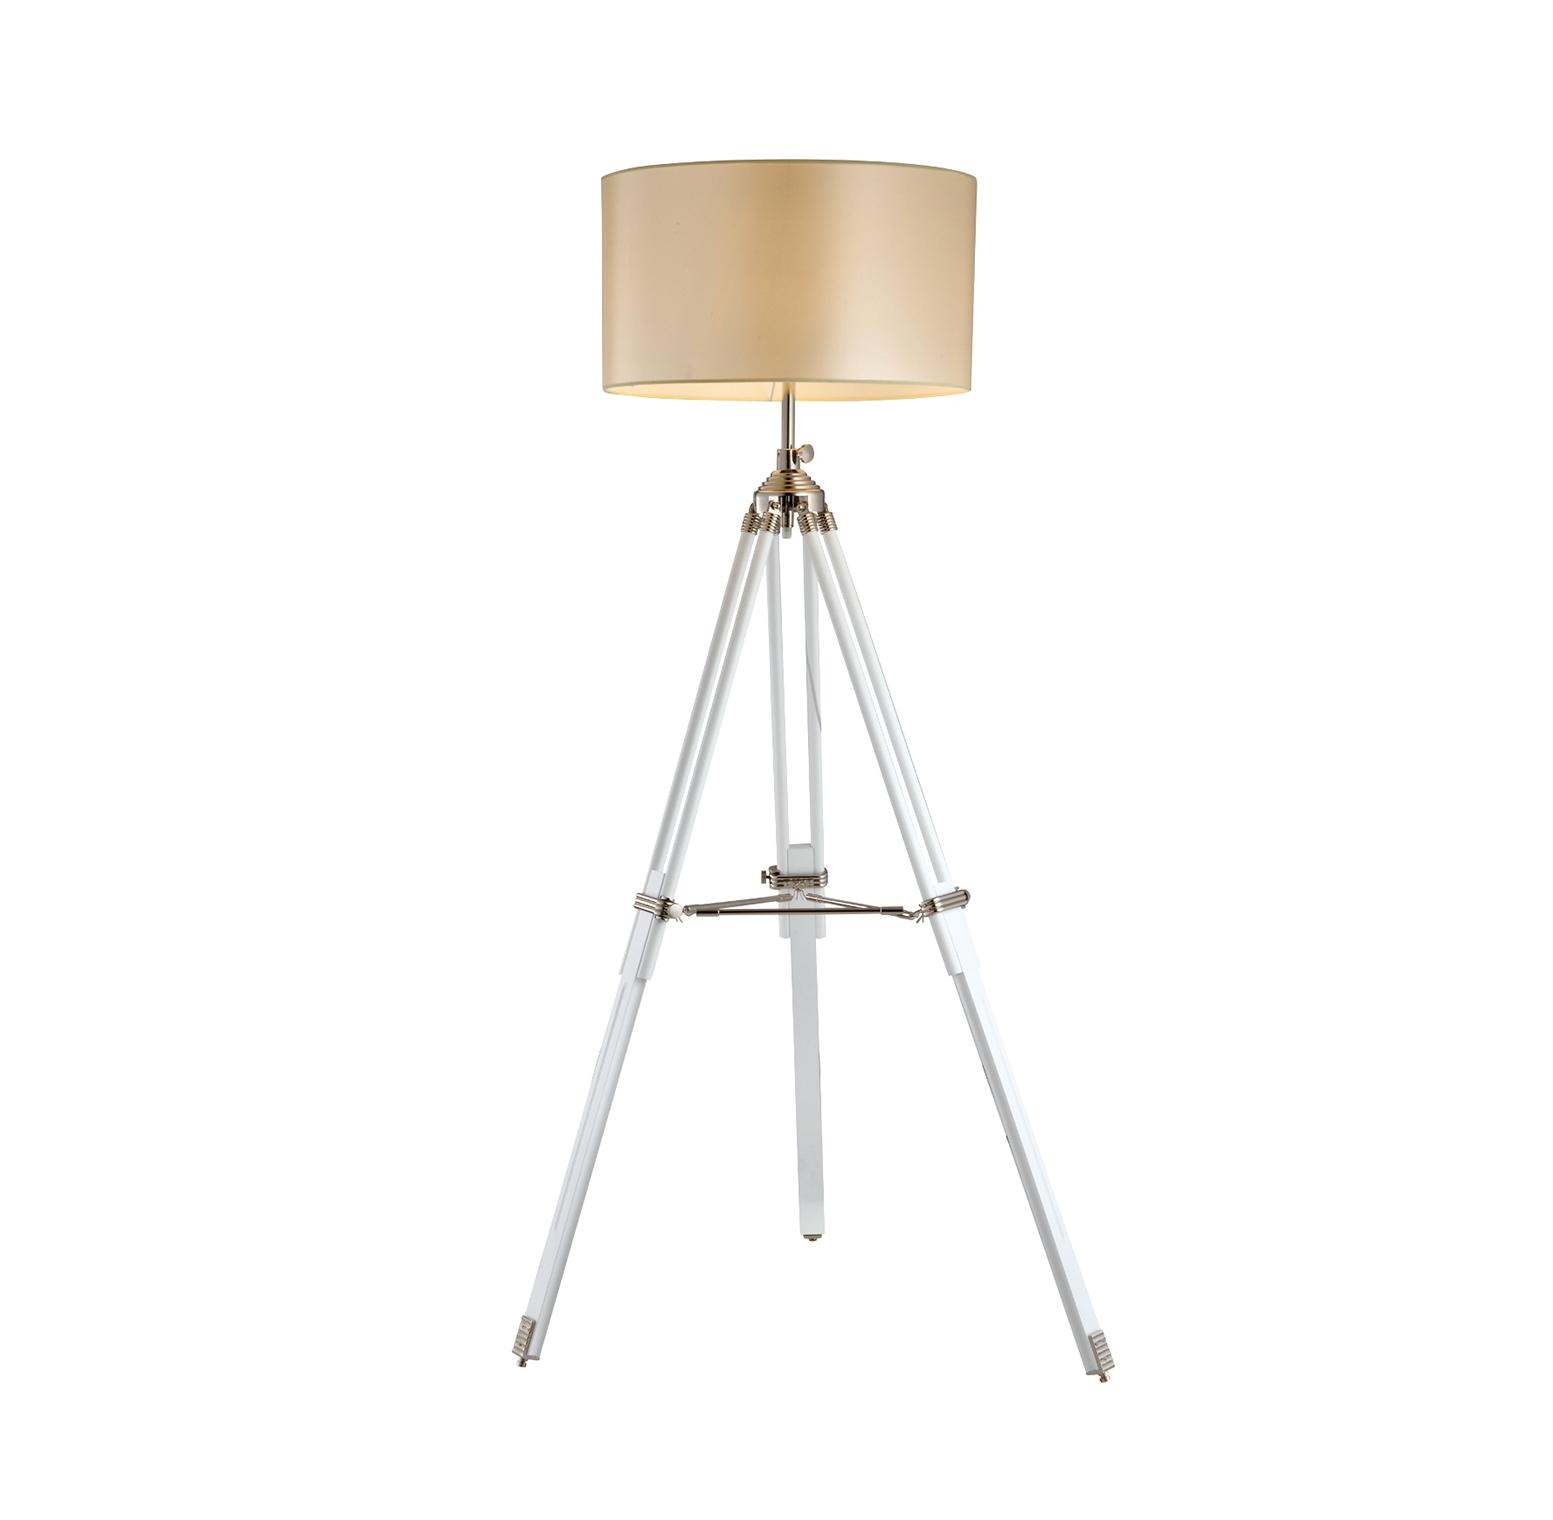 מנורת חצובה אהיל X-light בעלת חצובה מעץ מלא